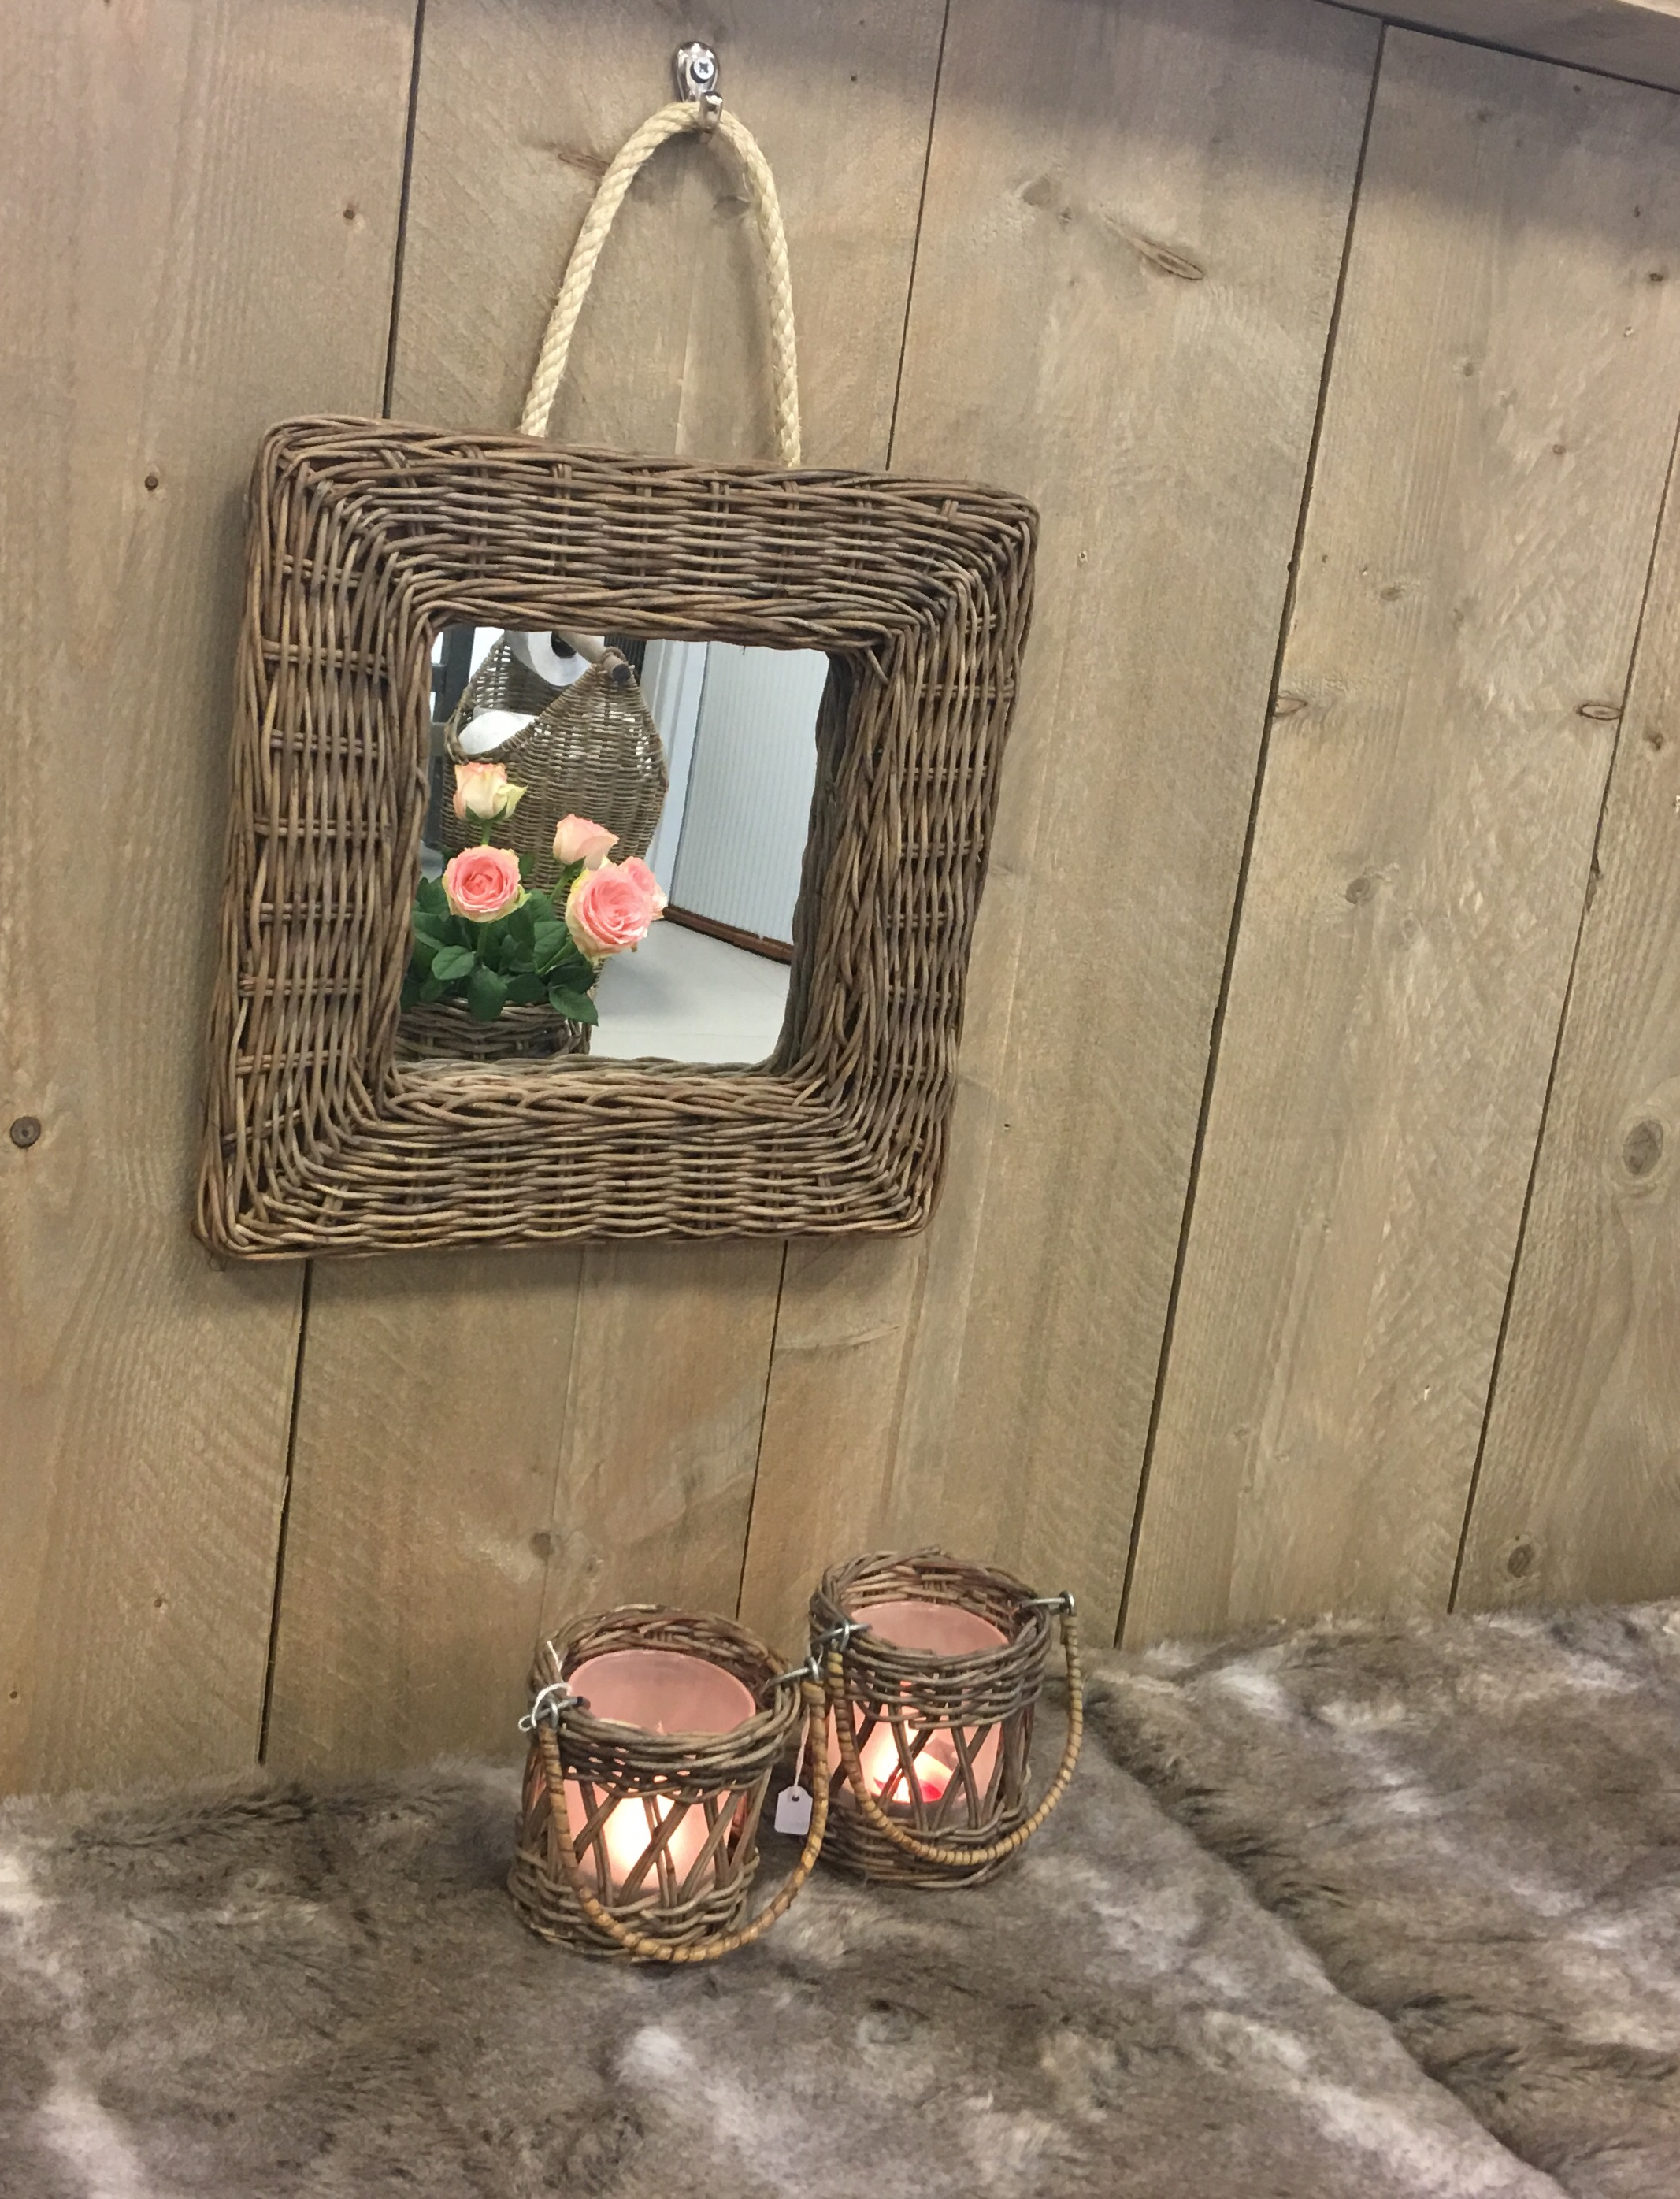 Rieten Spiegel Vierkant Leuk voor in de toilet maar ook leuk als decoratie! Ophangen met touw of met een schroef!